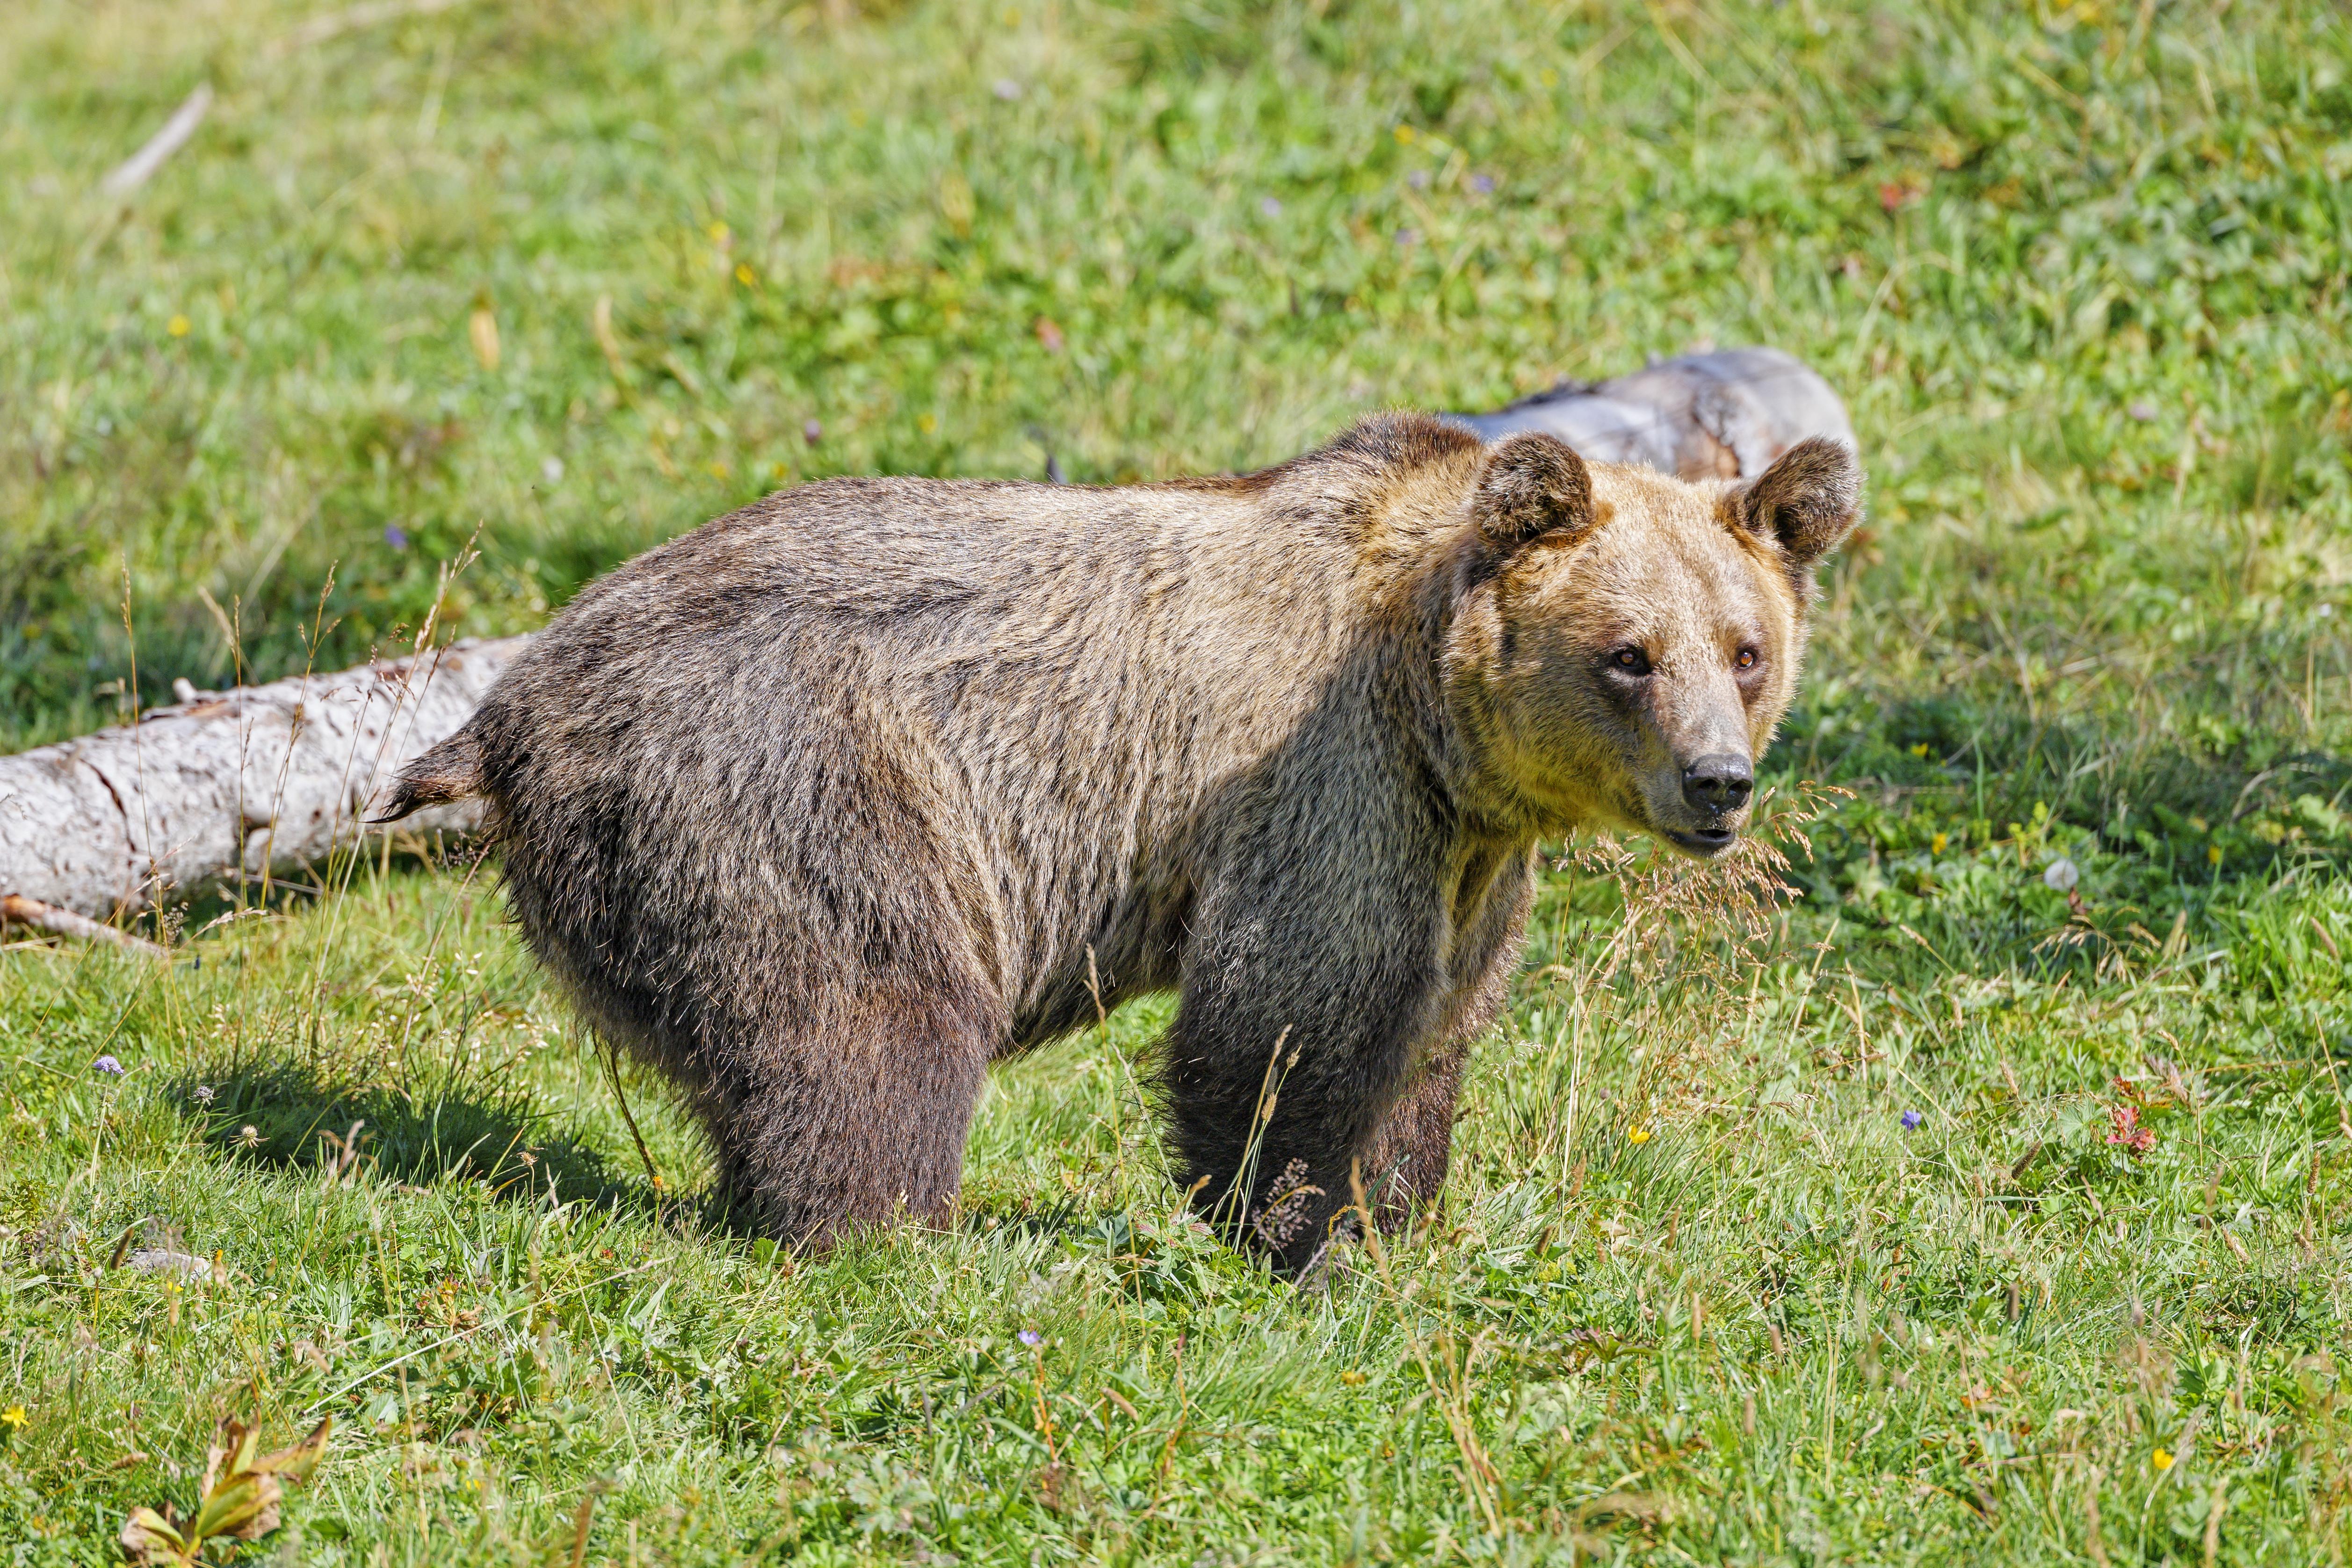 81195 скачать обои Животные, Медведь, Хищник, Трава, Животное - заставки и картинки бесплатно